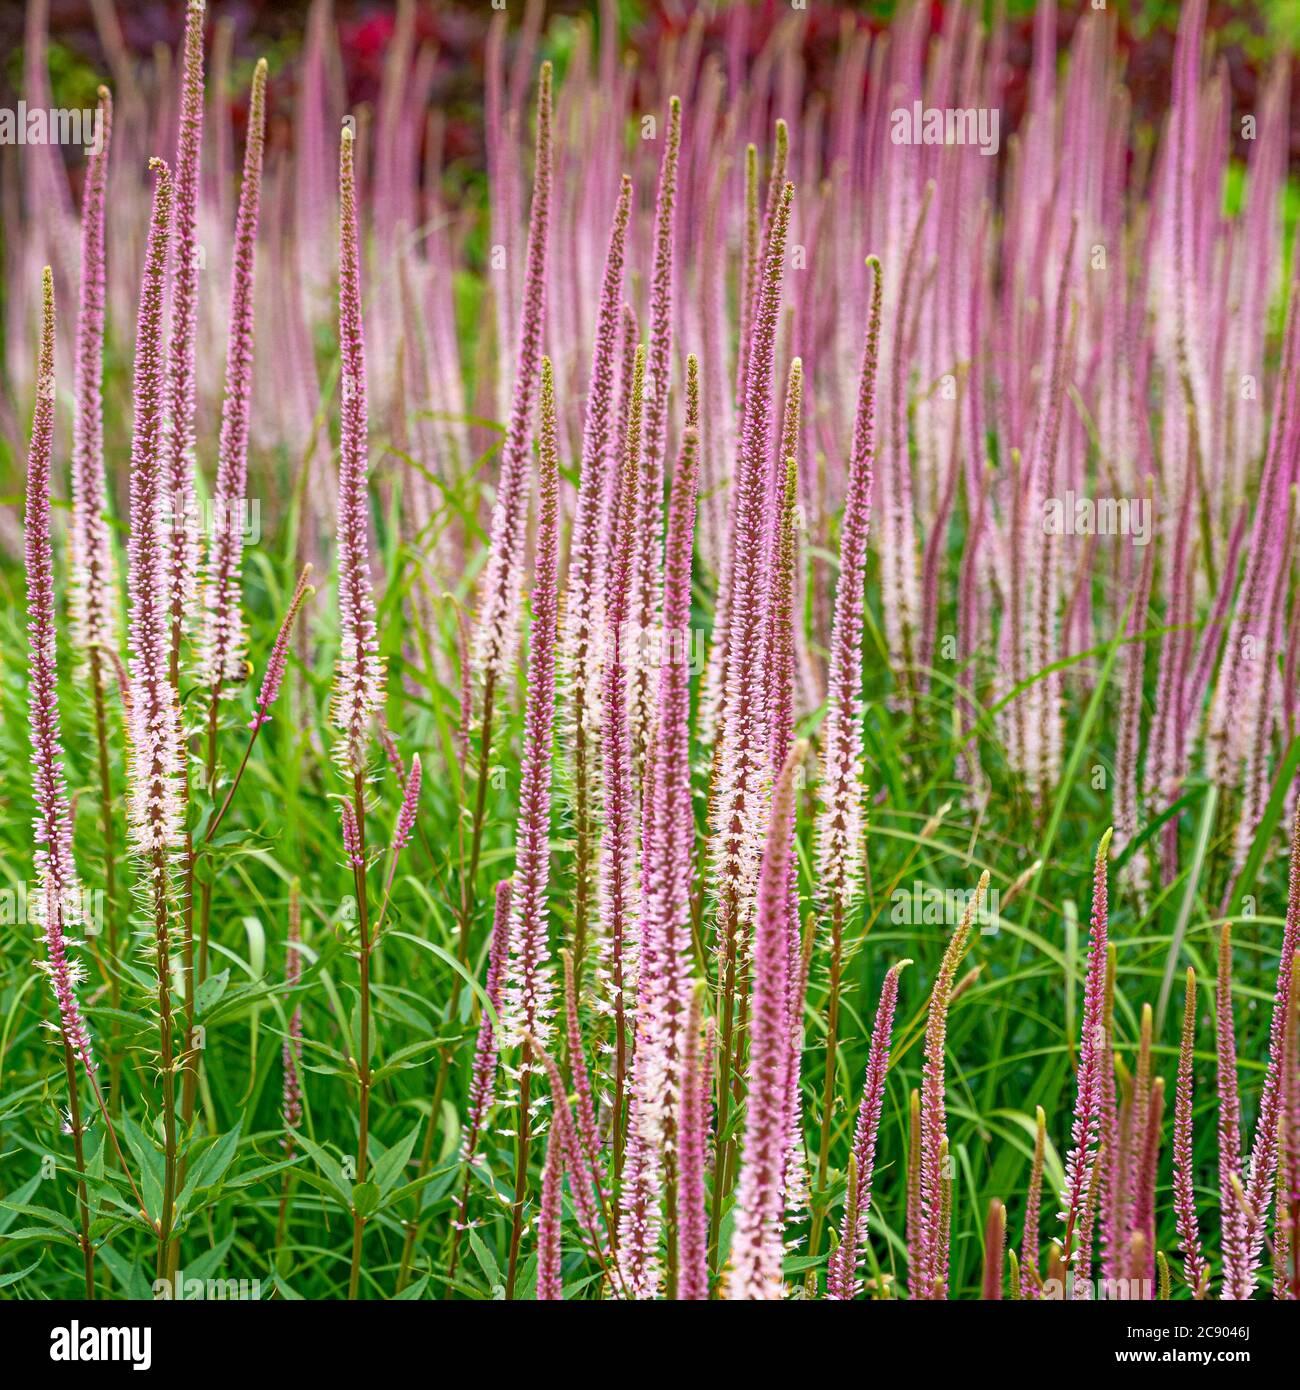 Rosa Veronicastrum virginicum Erica che cresce in un bordo di fiori. REGNO UNITO Foto Stock